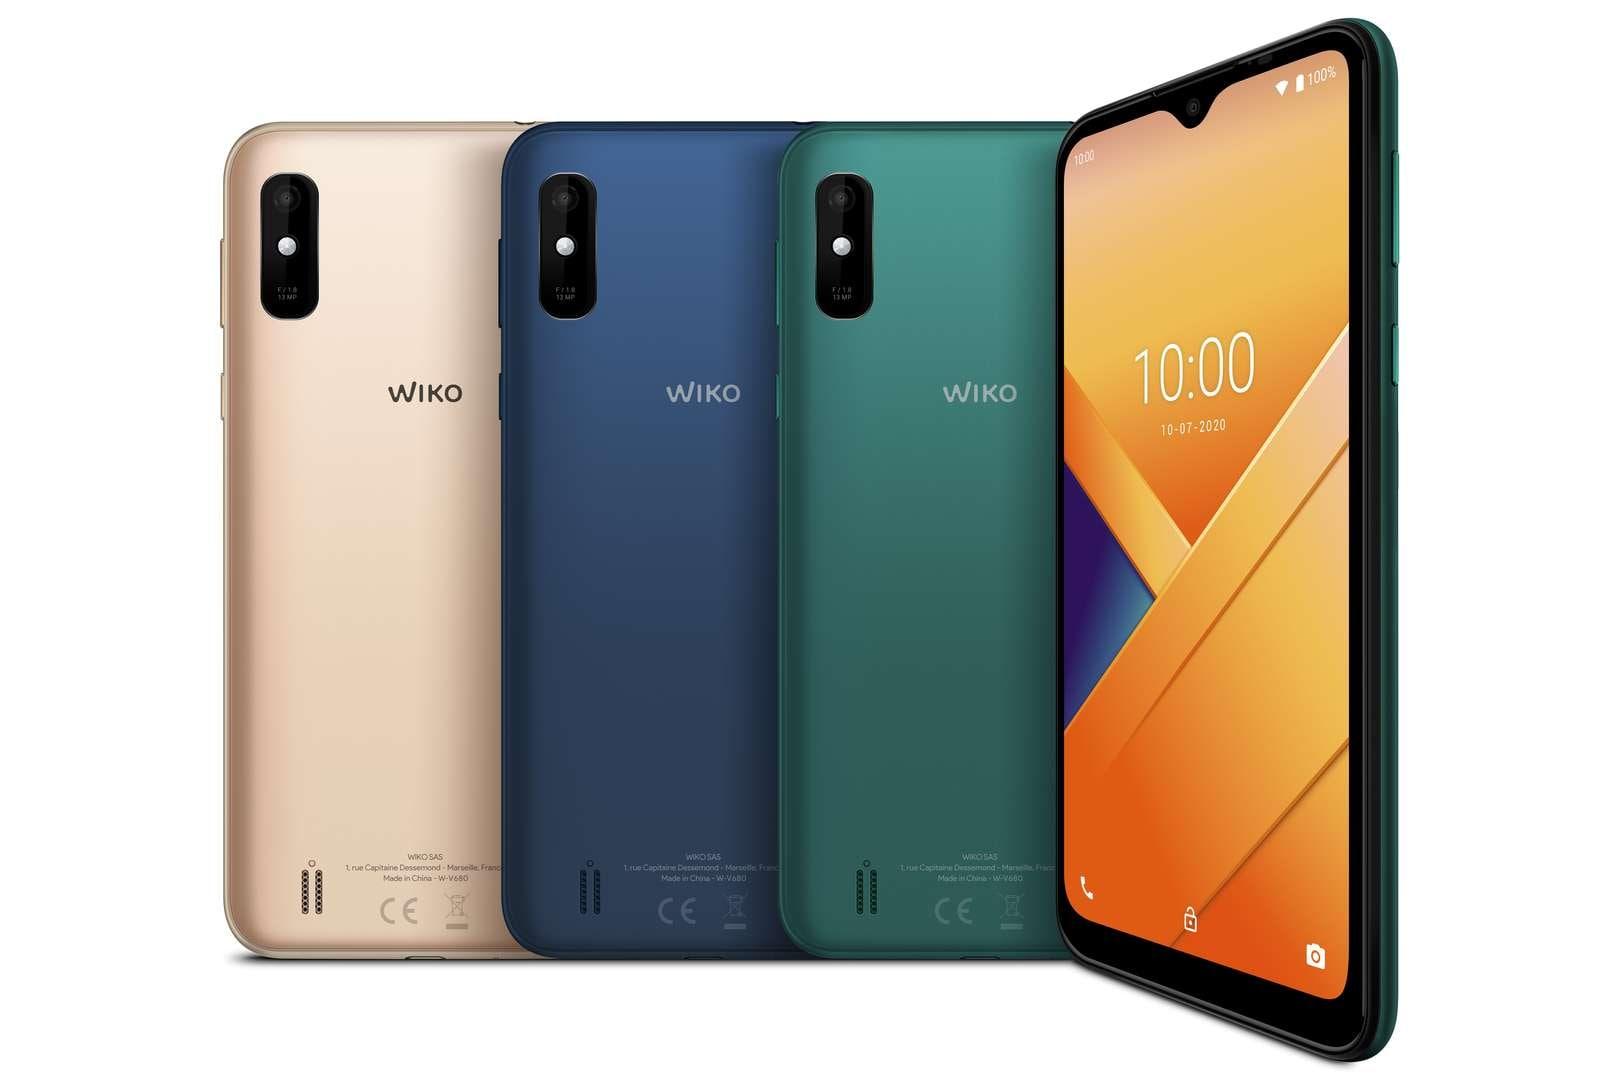 Wiko Y81 ufficiale: l'Android Go che promette due giorni di utilizzo con una sola carica